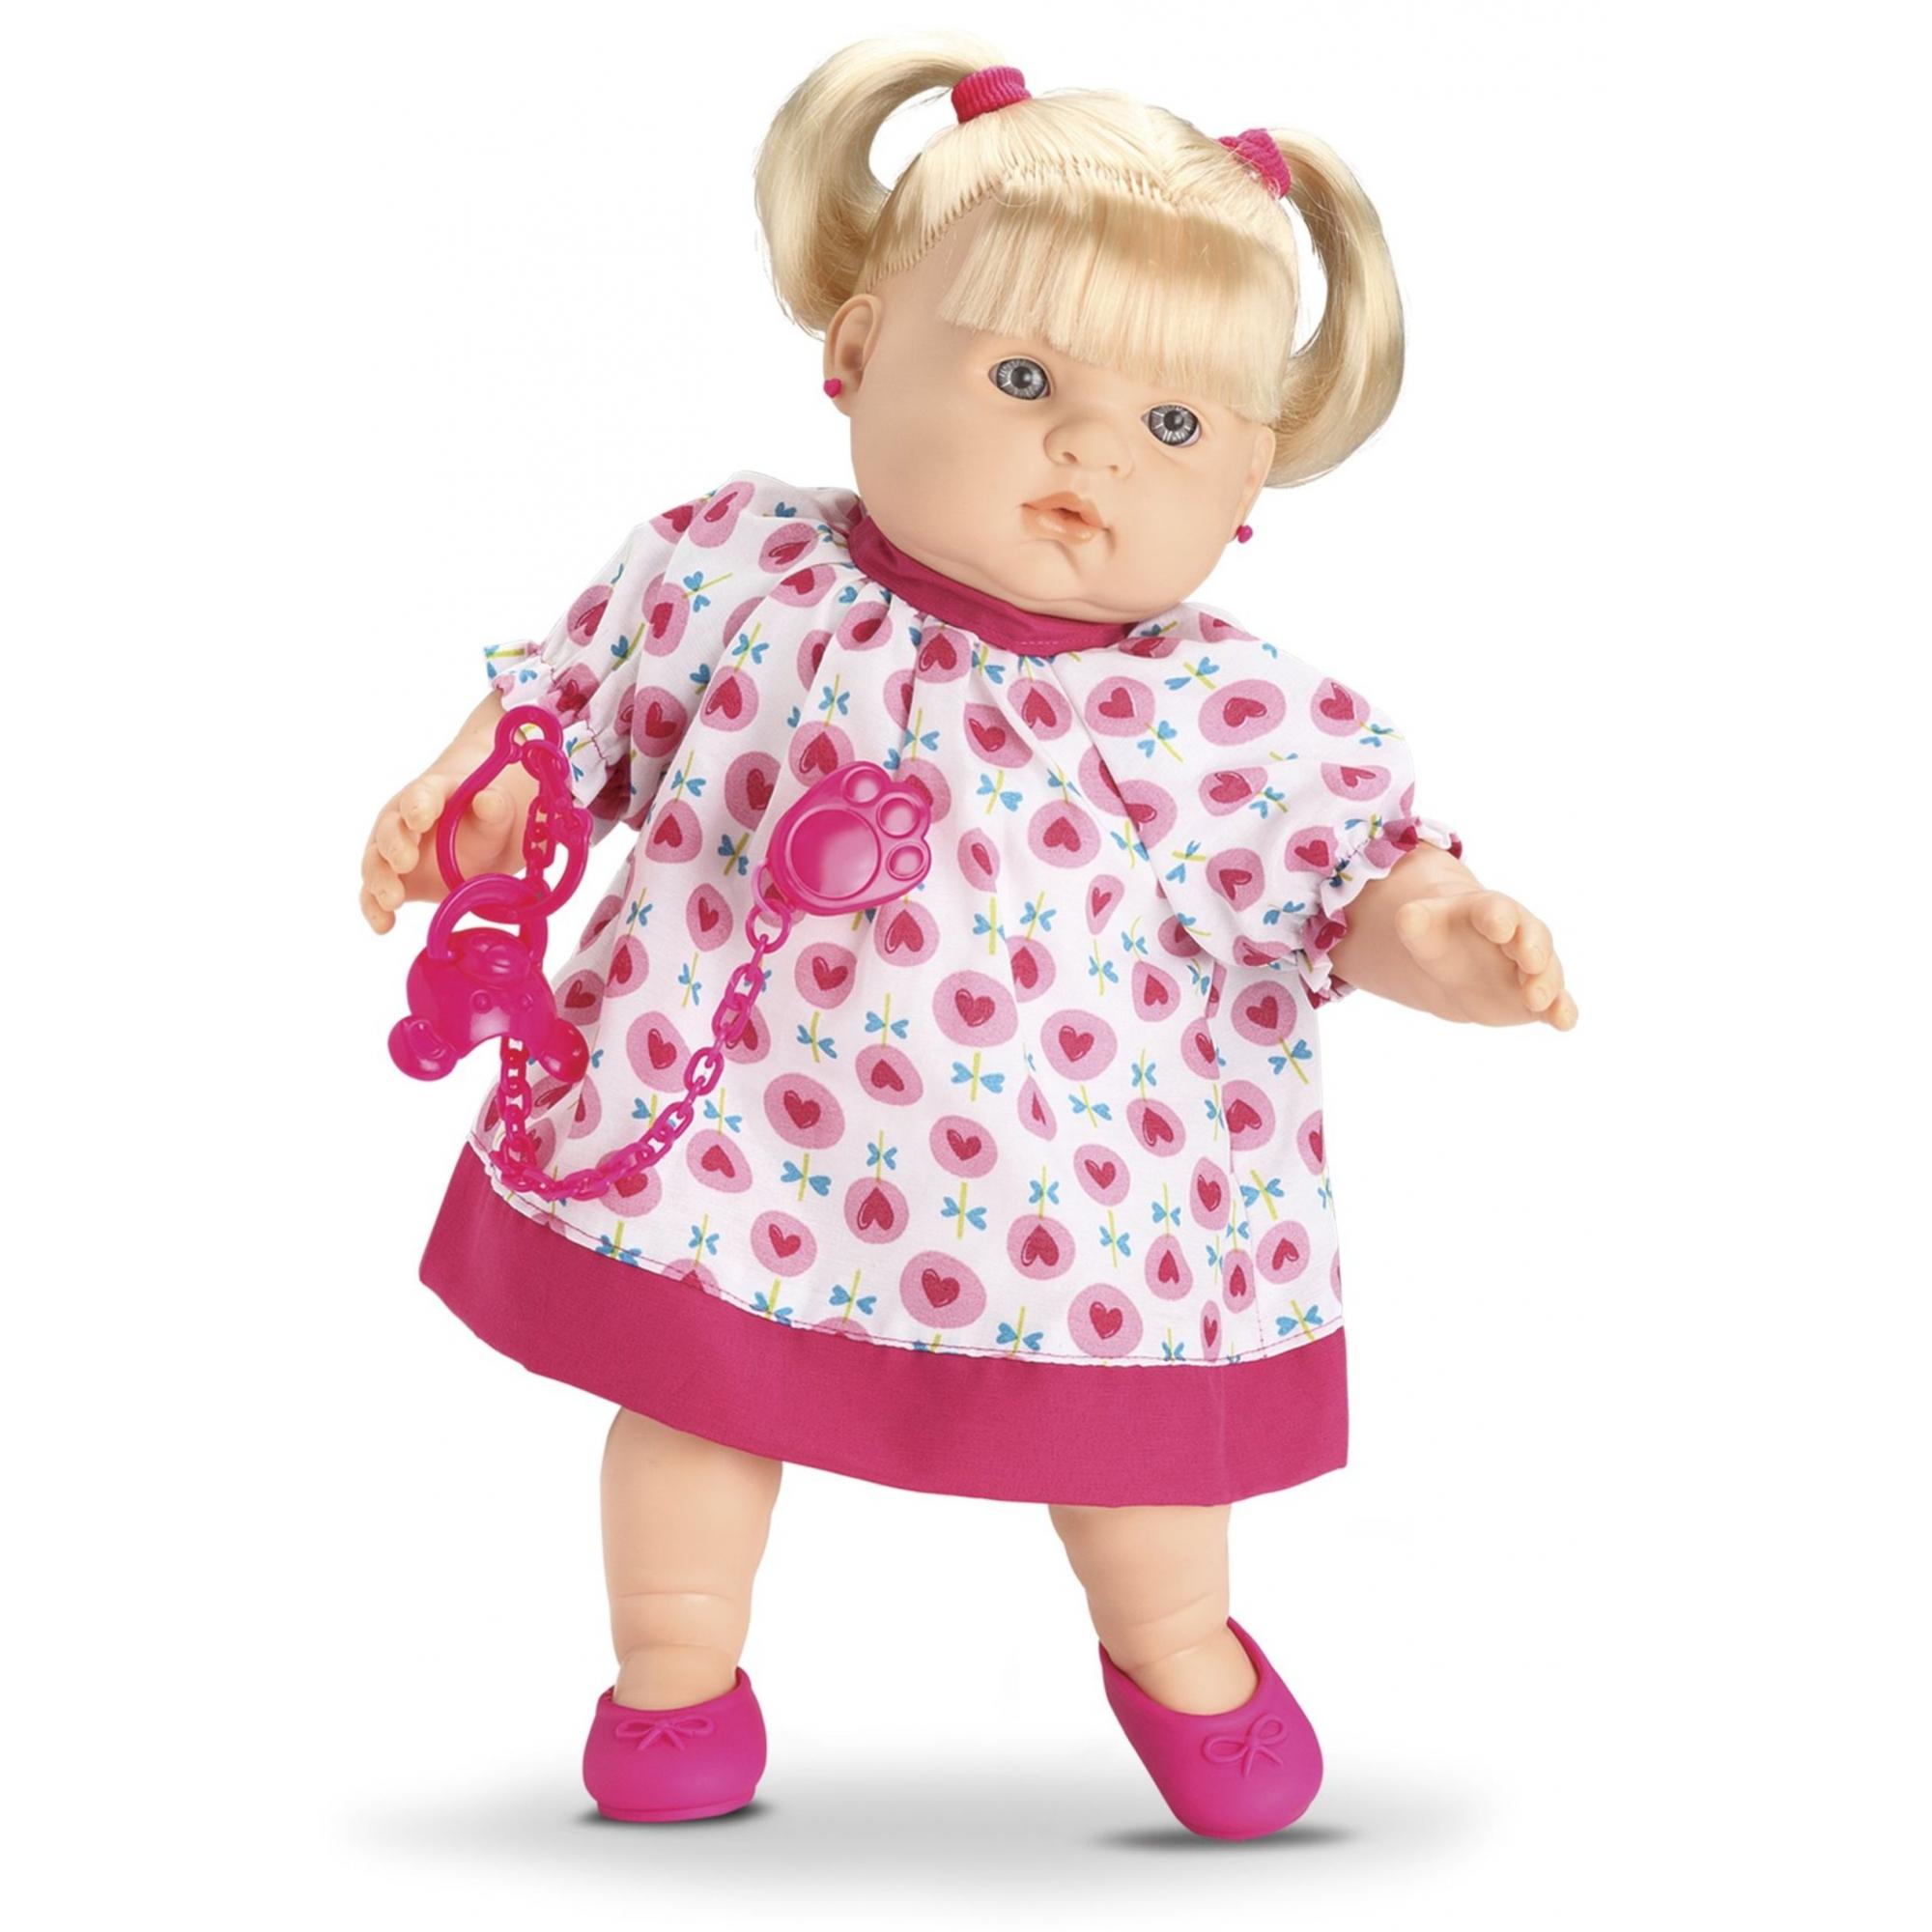 Boneca Bolita - Sons de Bebê - Roma Brinquedos